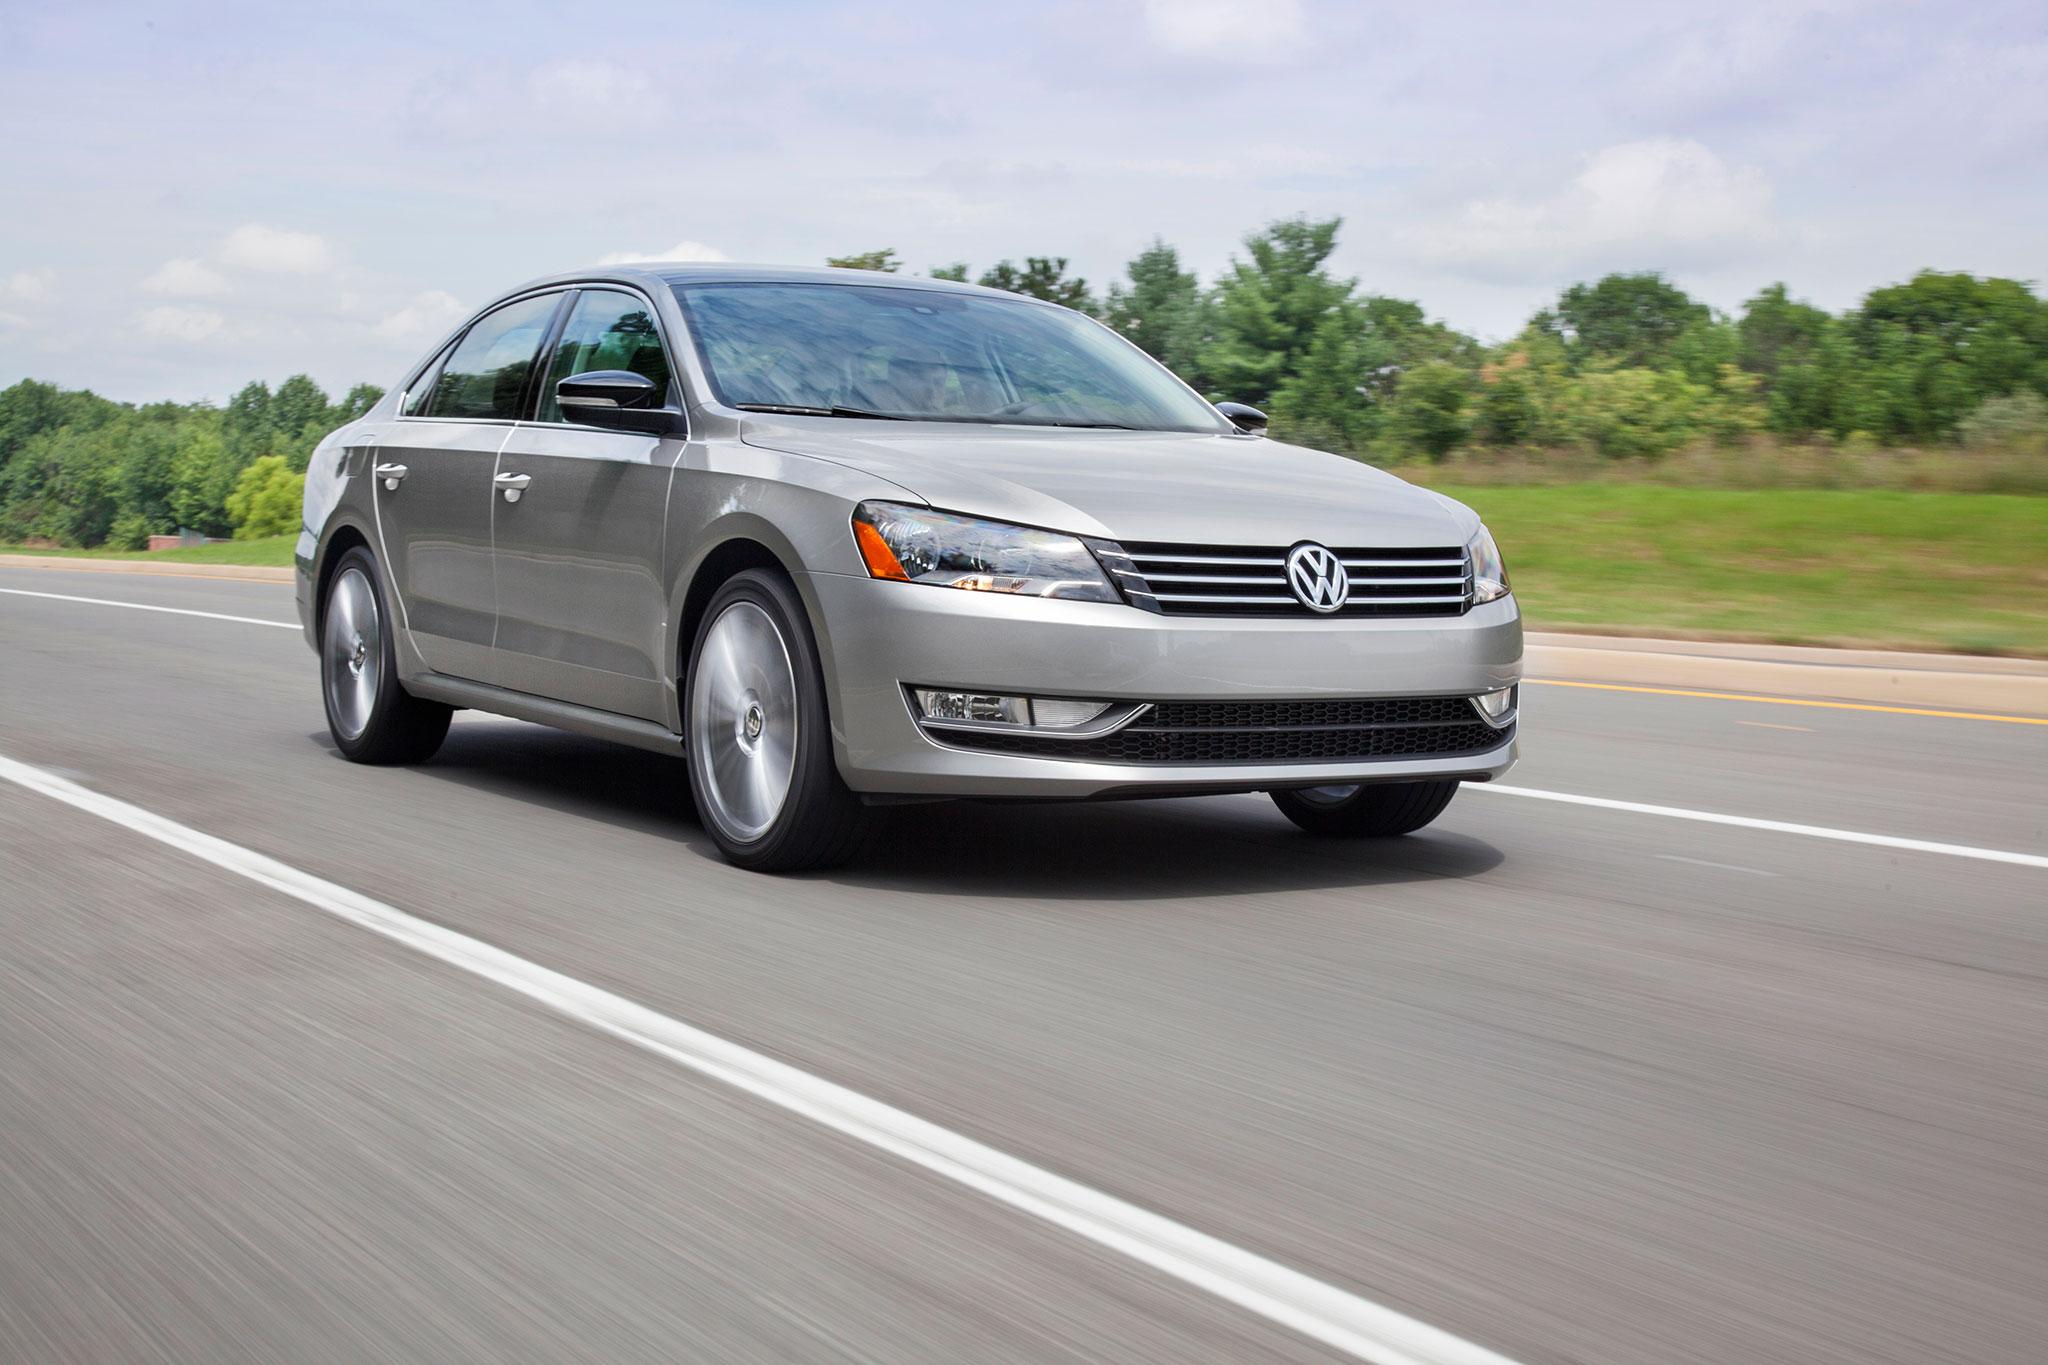 2014 Volkswagen Passat Sport Front Passengers Side In Motion1